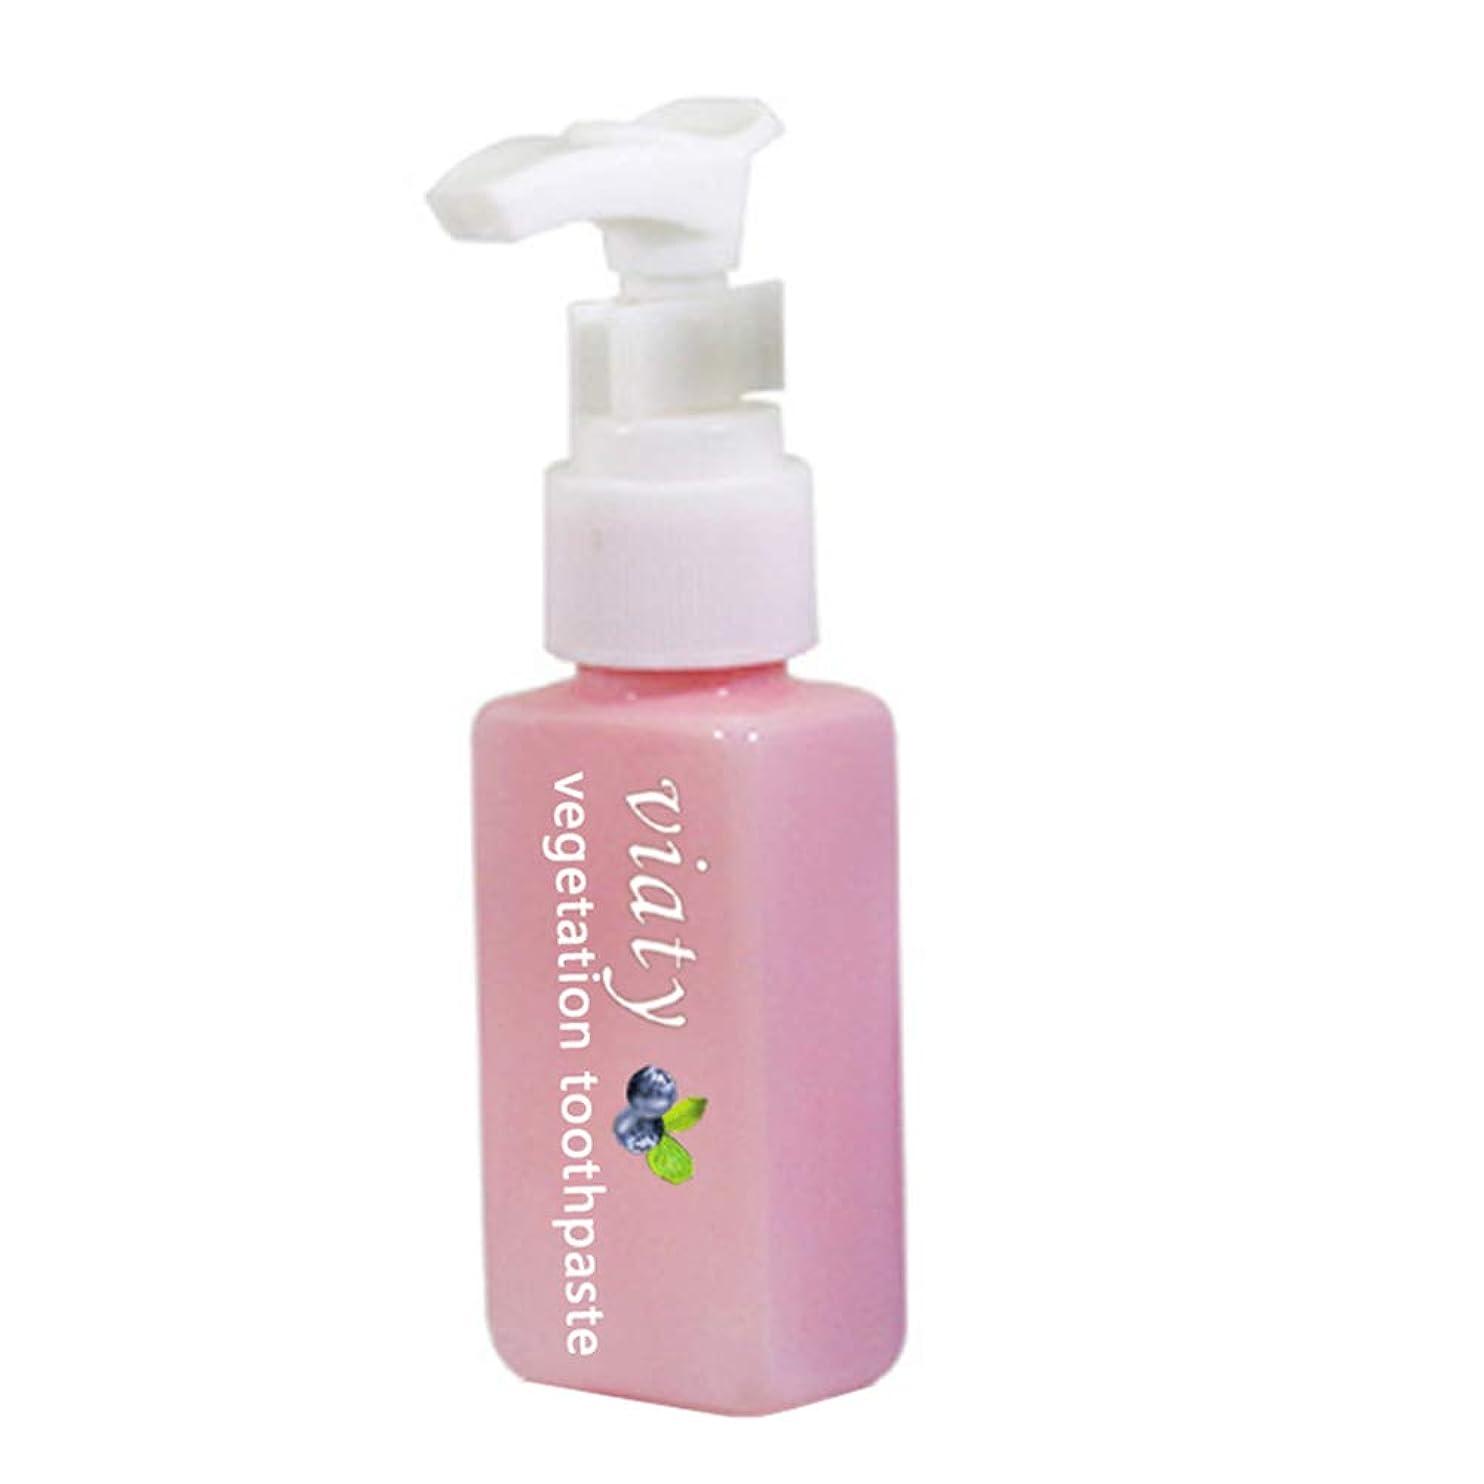 ベット人柄バイオリニストAylincool歯磨き粉アンチブリードガムプレスタイプ新鮮な歯磨き粉を白くする汚れ除去剤